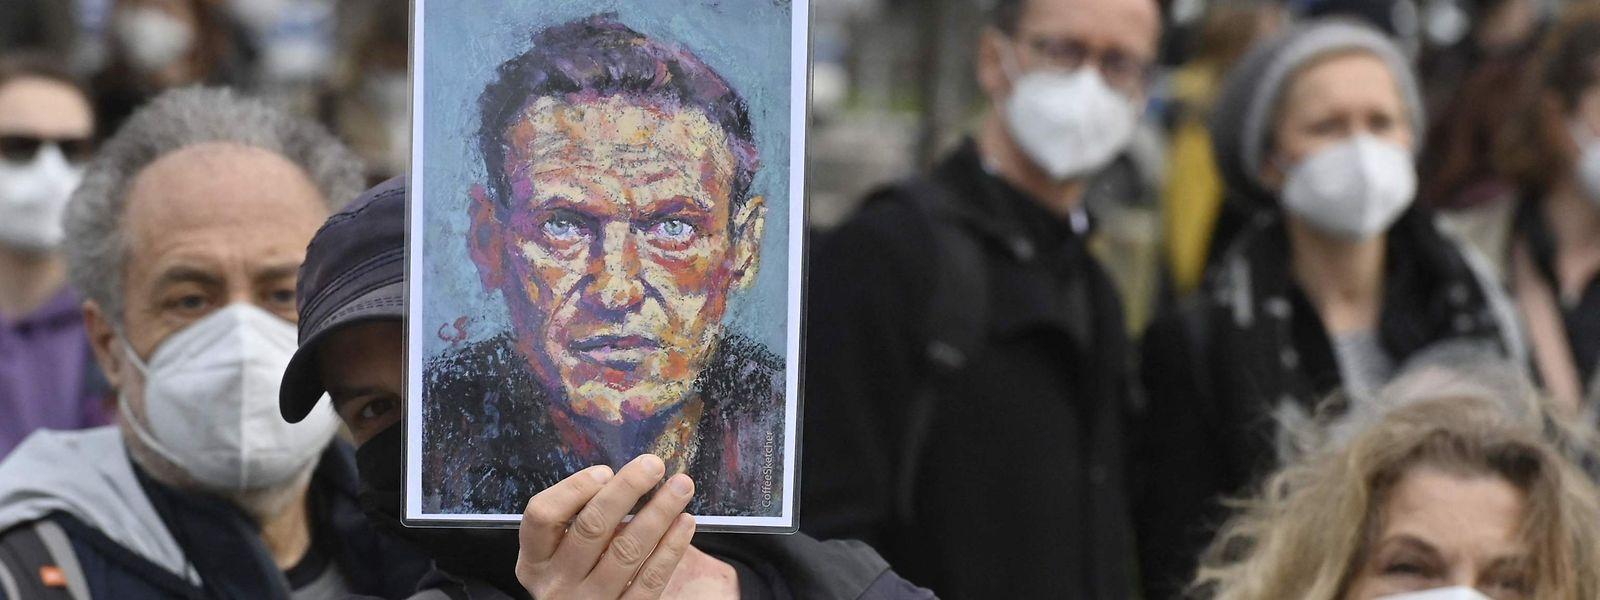 Auch vor der russischen Botschaft in Berlin versammelten sich Demonstranten, hier mit einem Bild Nawalnys.